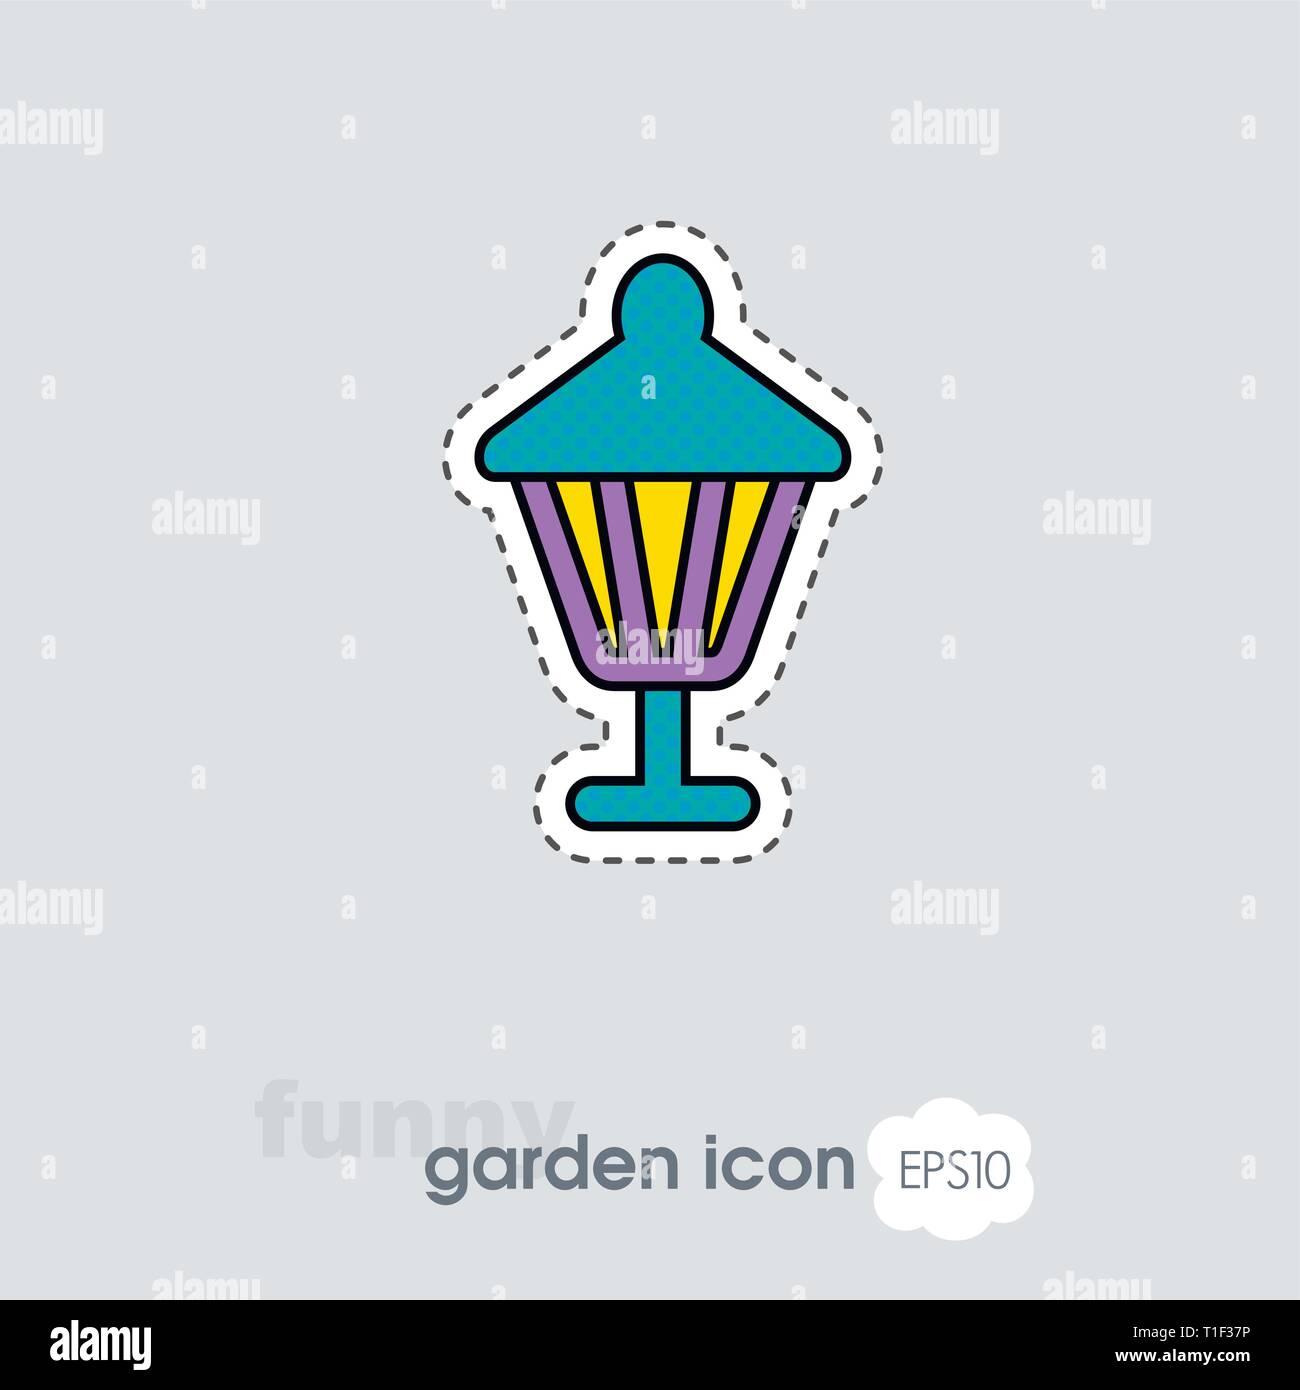 Garden lantern flat vector icon outline isolated, garden, eps 10 - Stock Vector